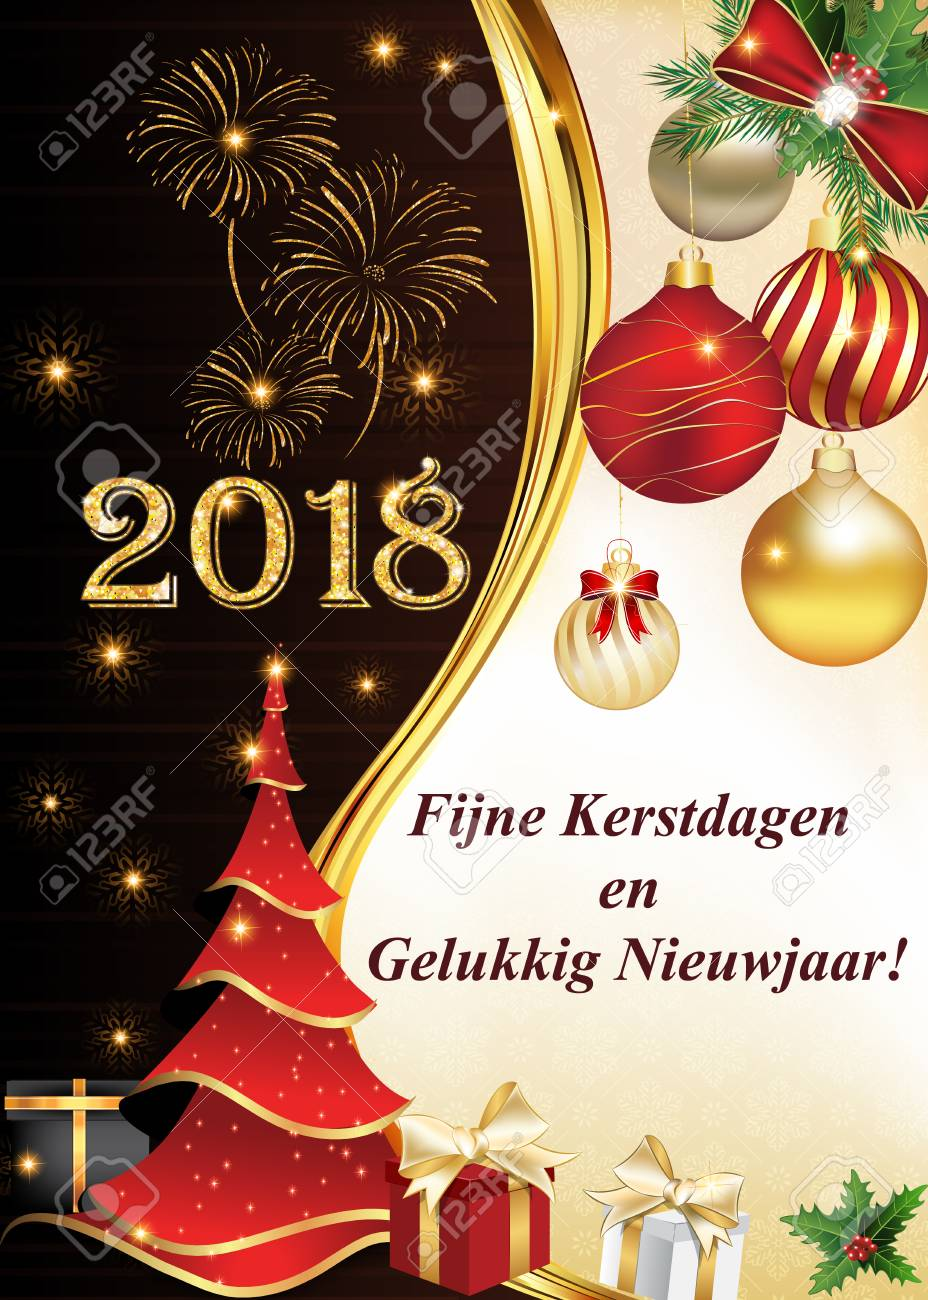 Frohe weihnachten und ein gutes neues jahr hollandisch